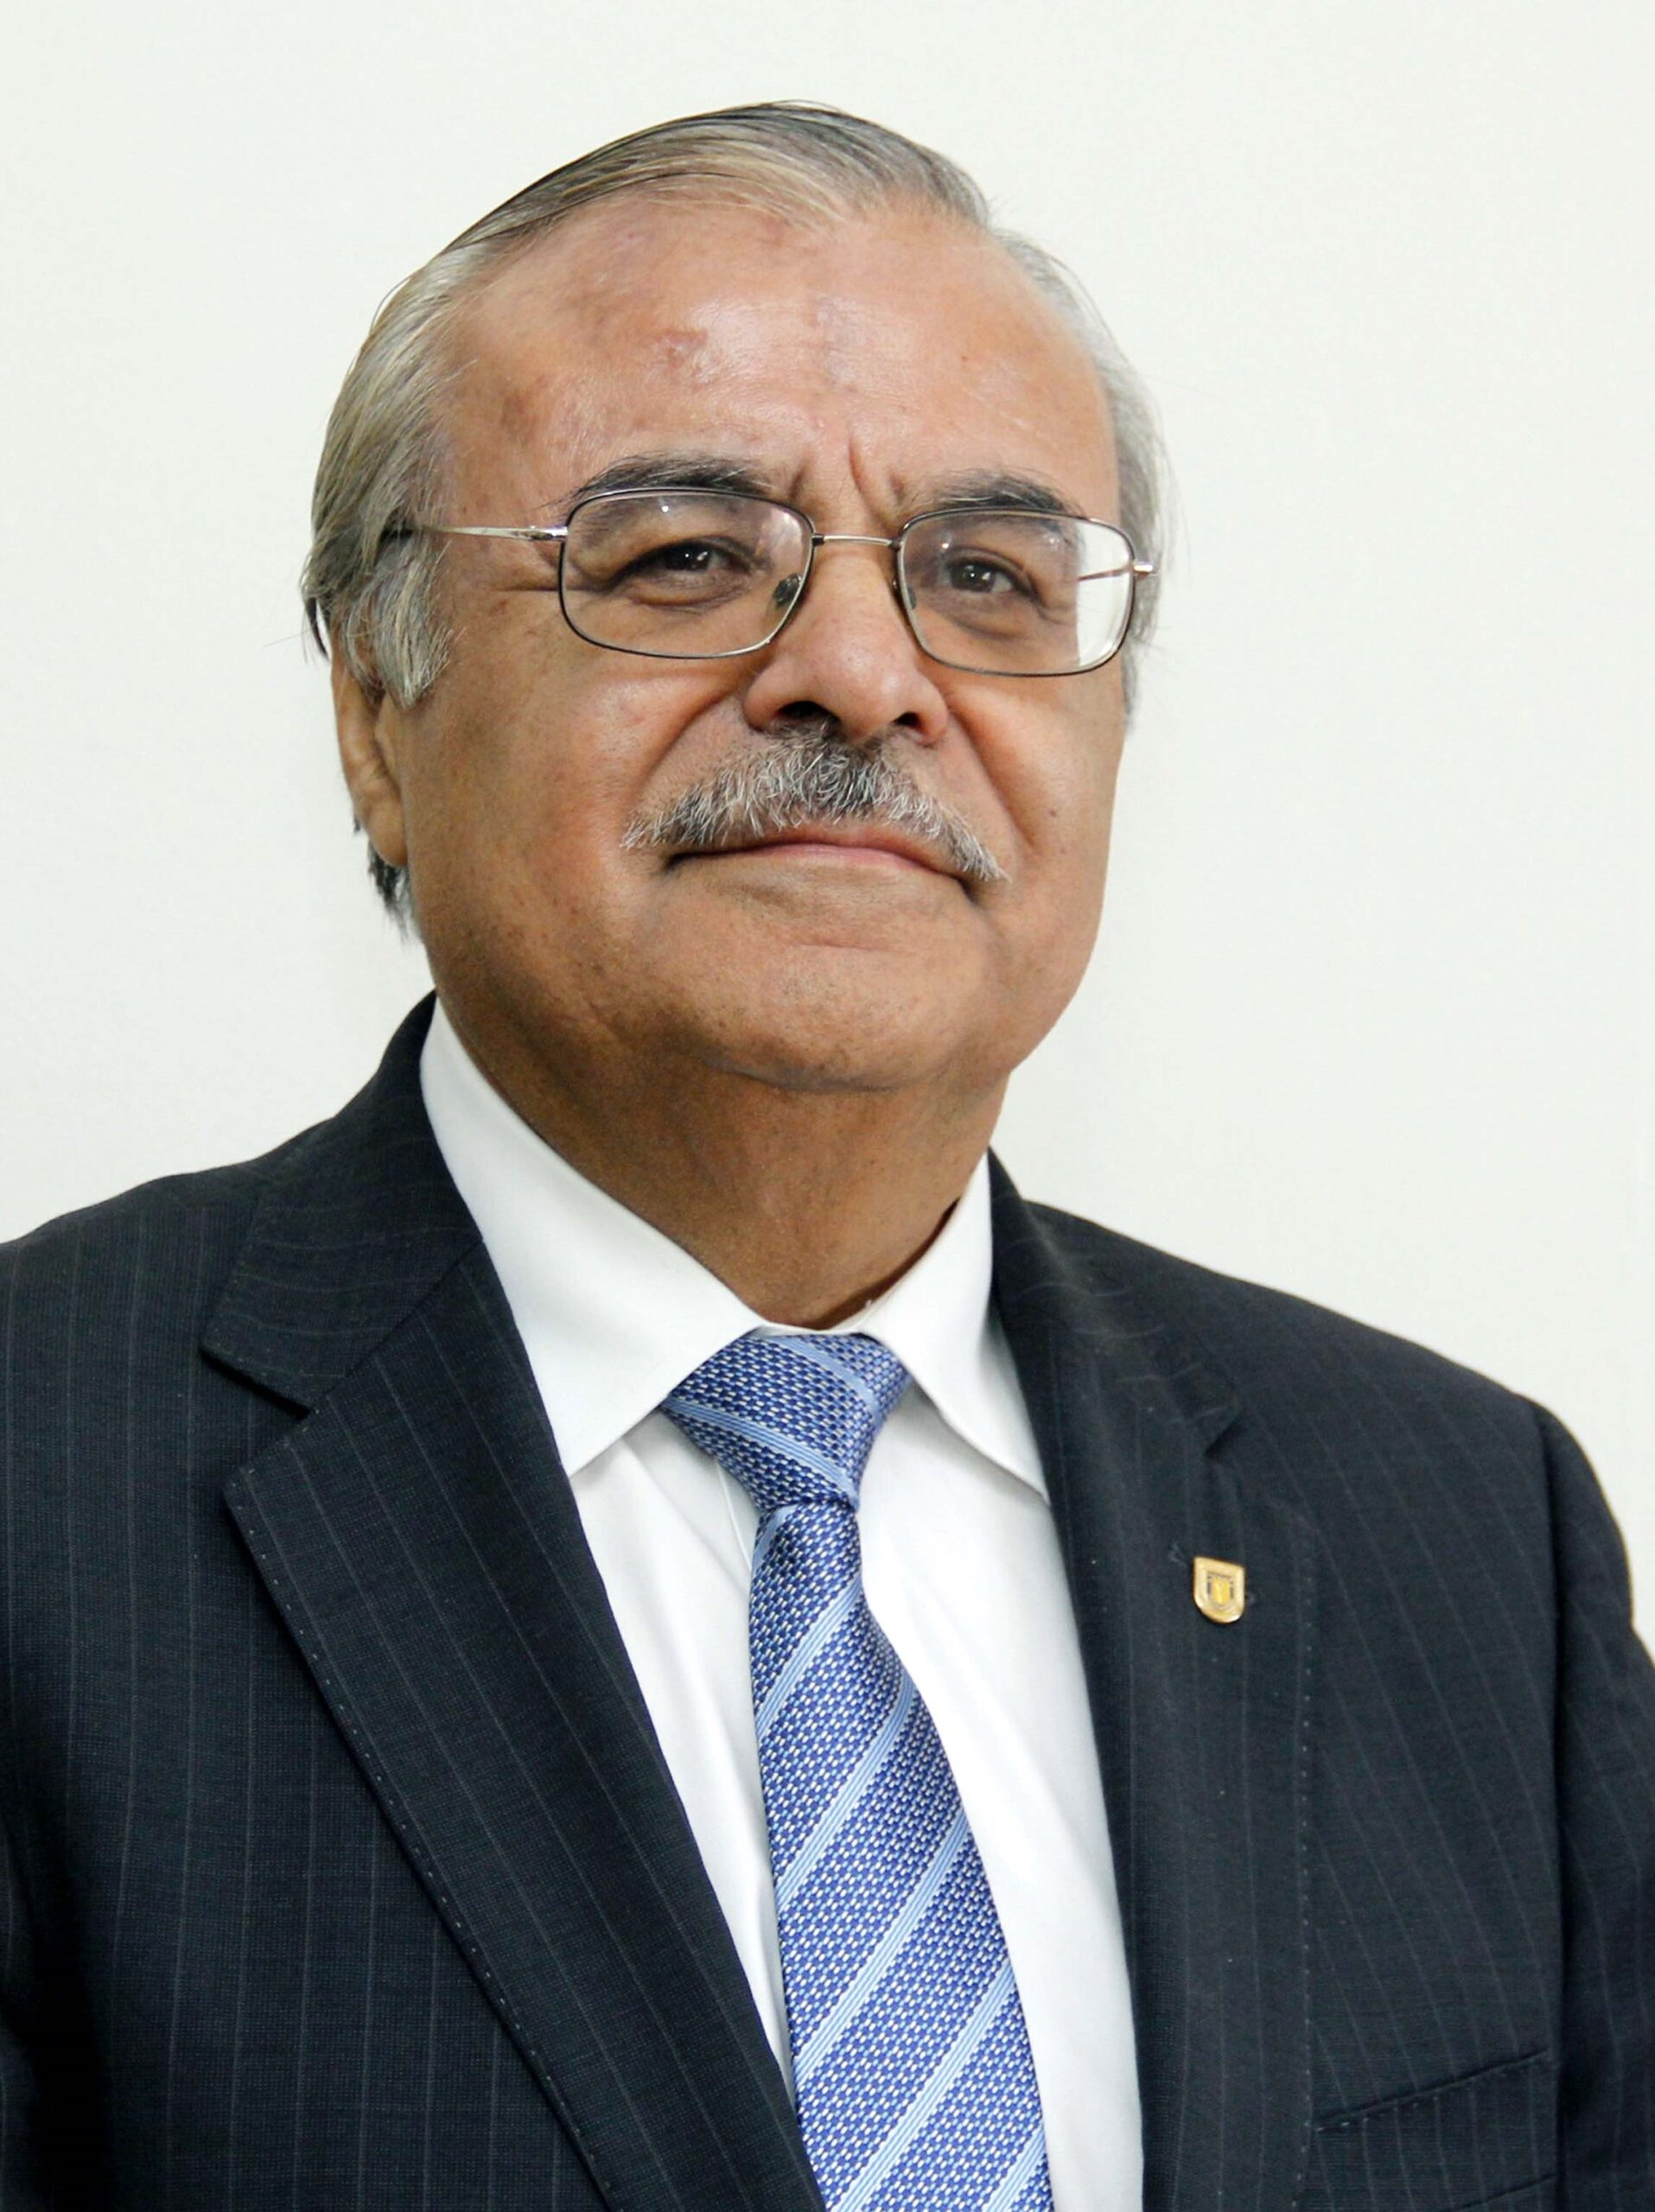 Dr. Bernabé L. Rivas asume como Presidente de la Academia de Profesores Eméritos de la Universidad de Concepción